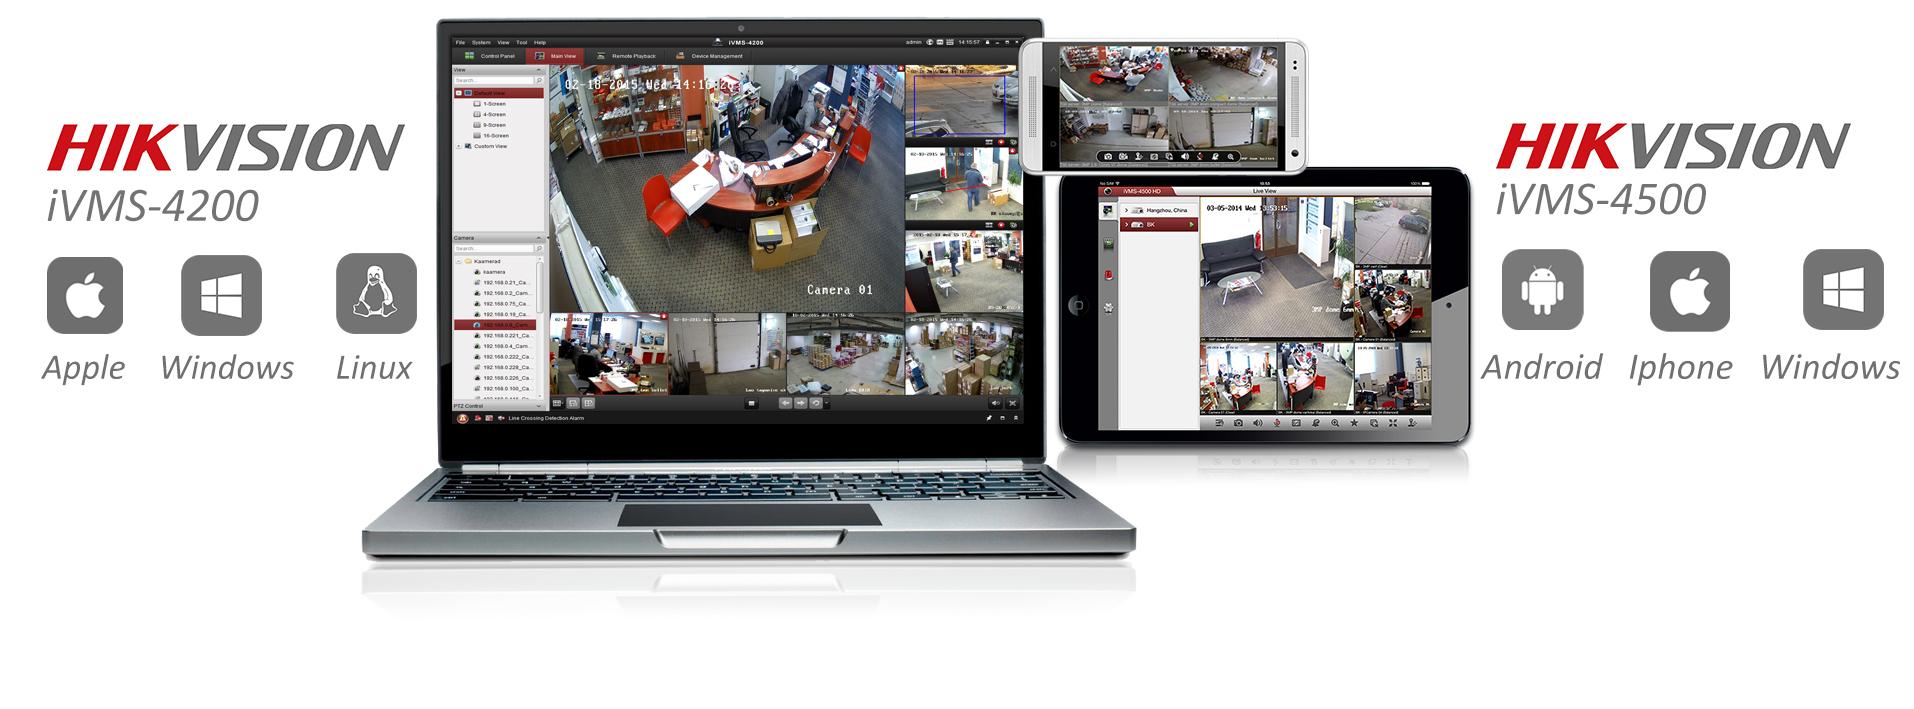 Bezpłatne oprogramowanie iVMS 4200, iVMS 4500 dostępne na różne systemy operacyjne.